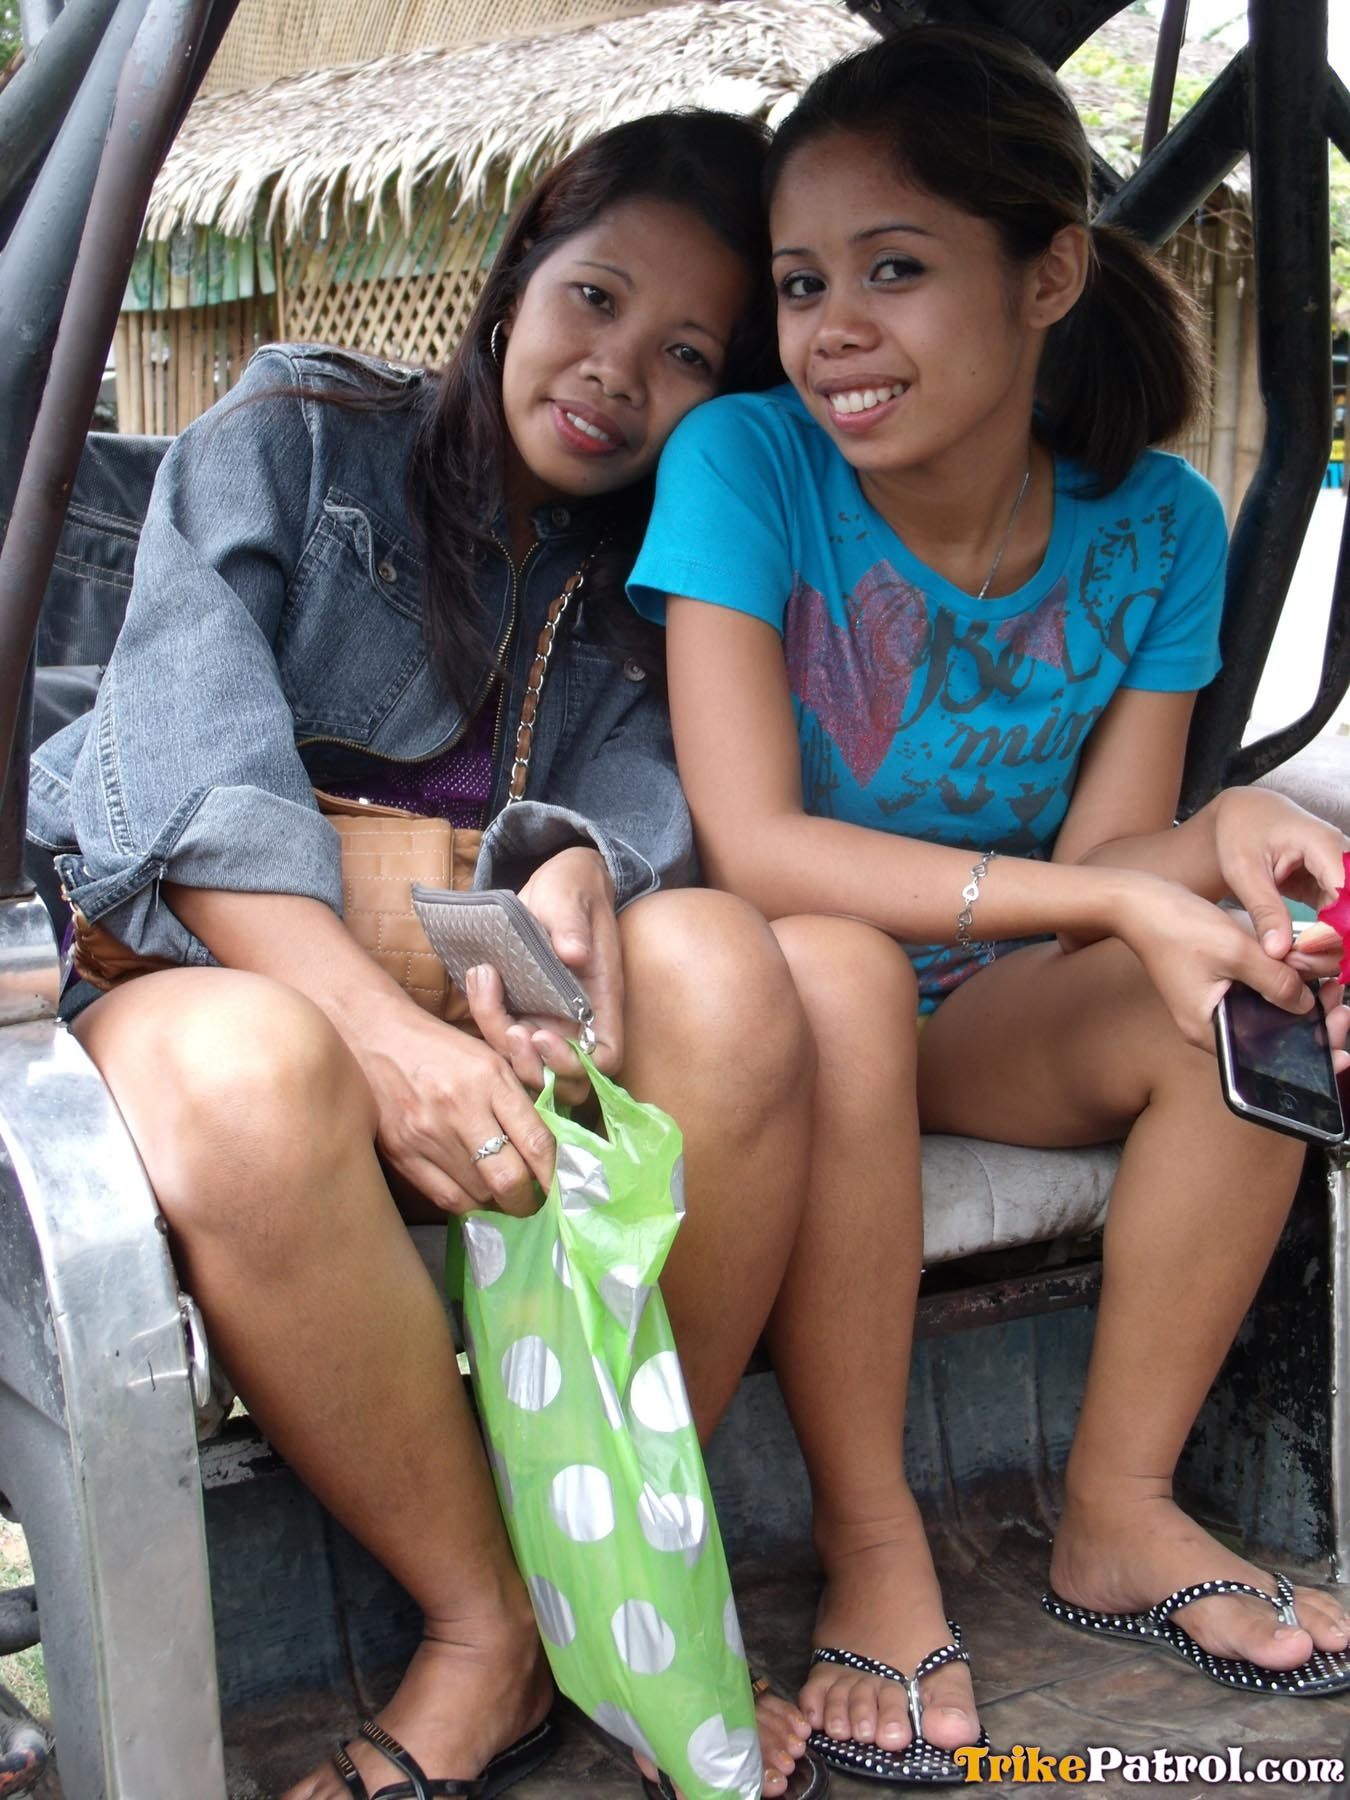 Filipina lesbian bar girl